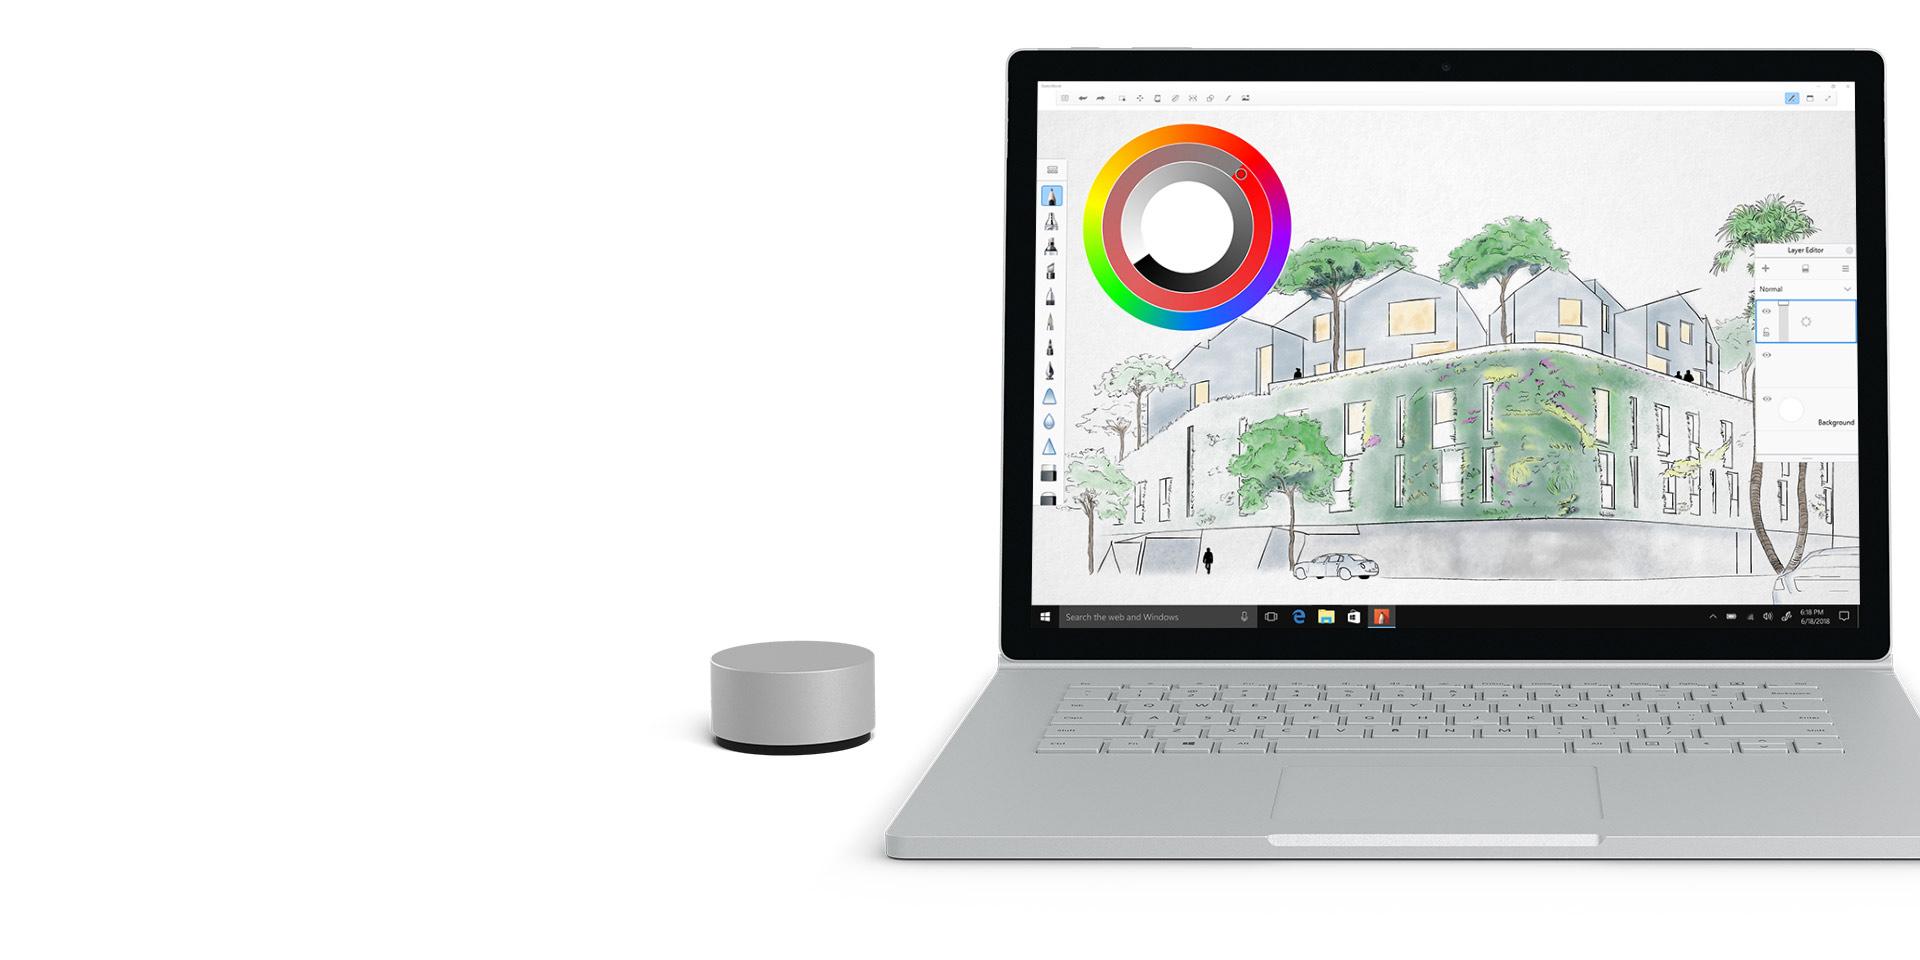 Autodesk SketchBook sur l'écran d'un Surface Book 2